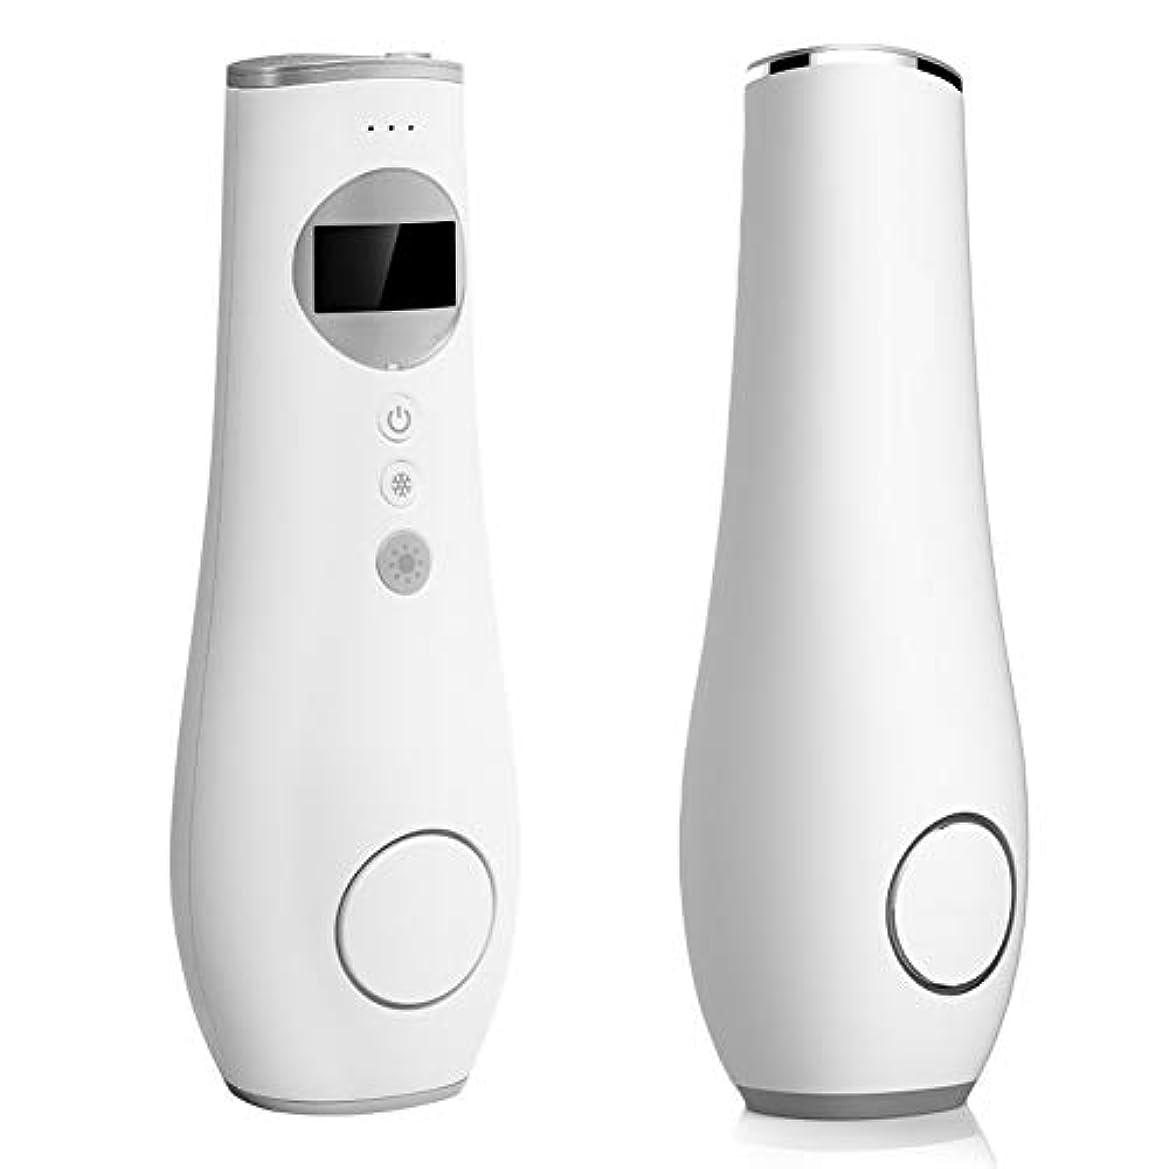 母音慣れる放つ光美容機、3 in 1 IPL 400,000フラッシュフェイシャルボディ痛みのないレーザー脱毛器冷却ケアにきび若返りビキニトリマーホーム美容機器